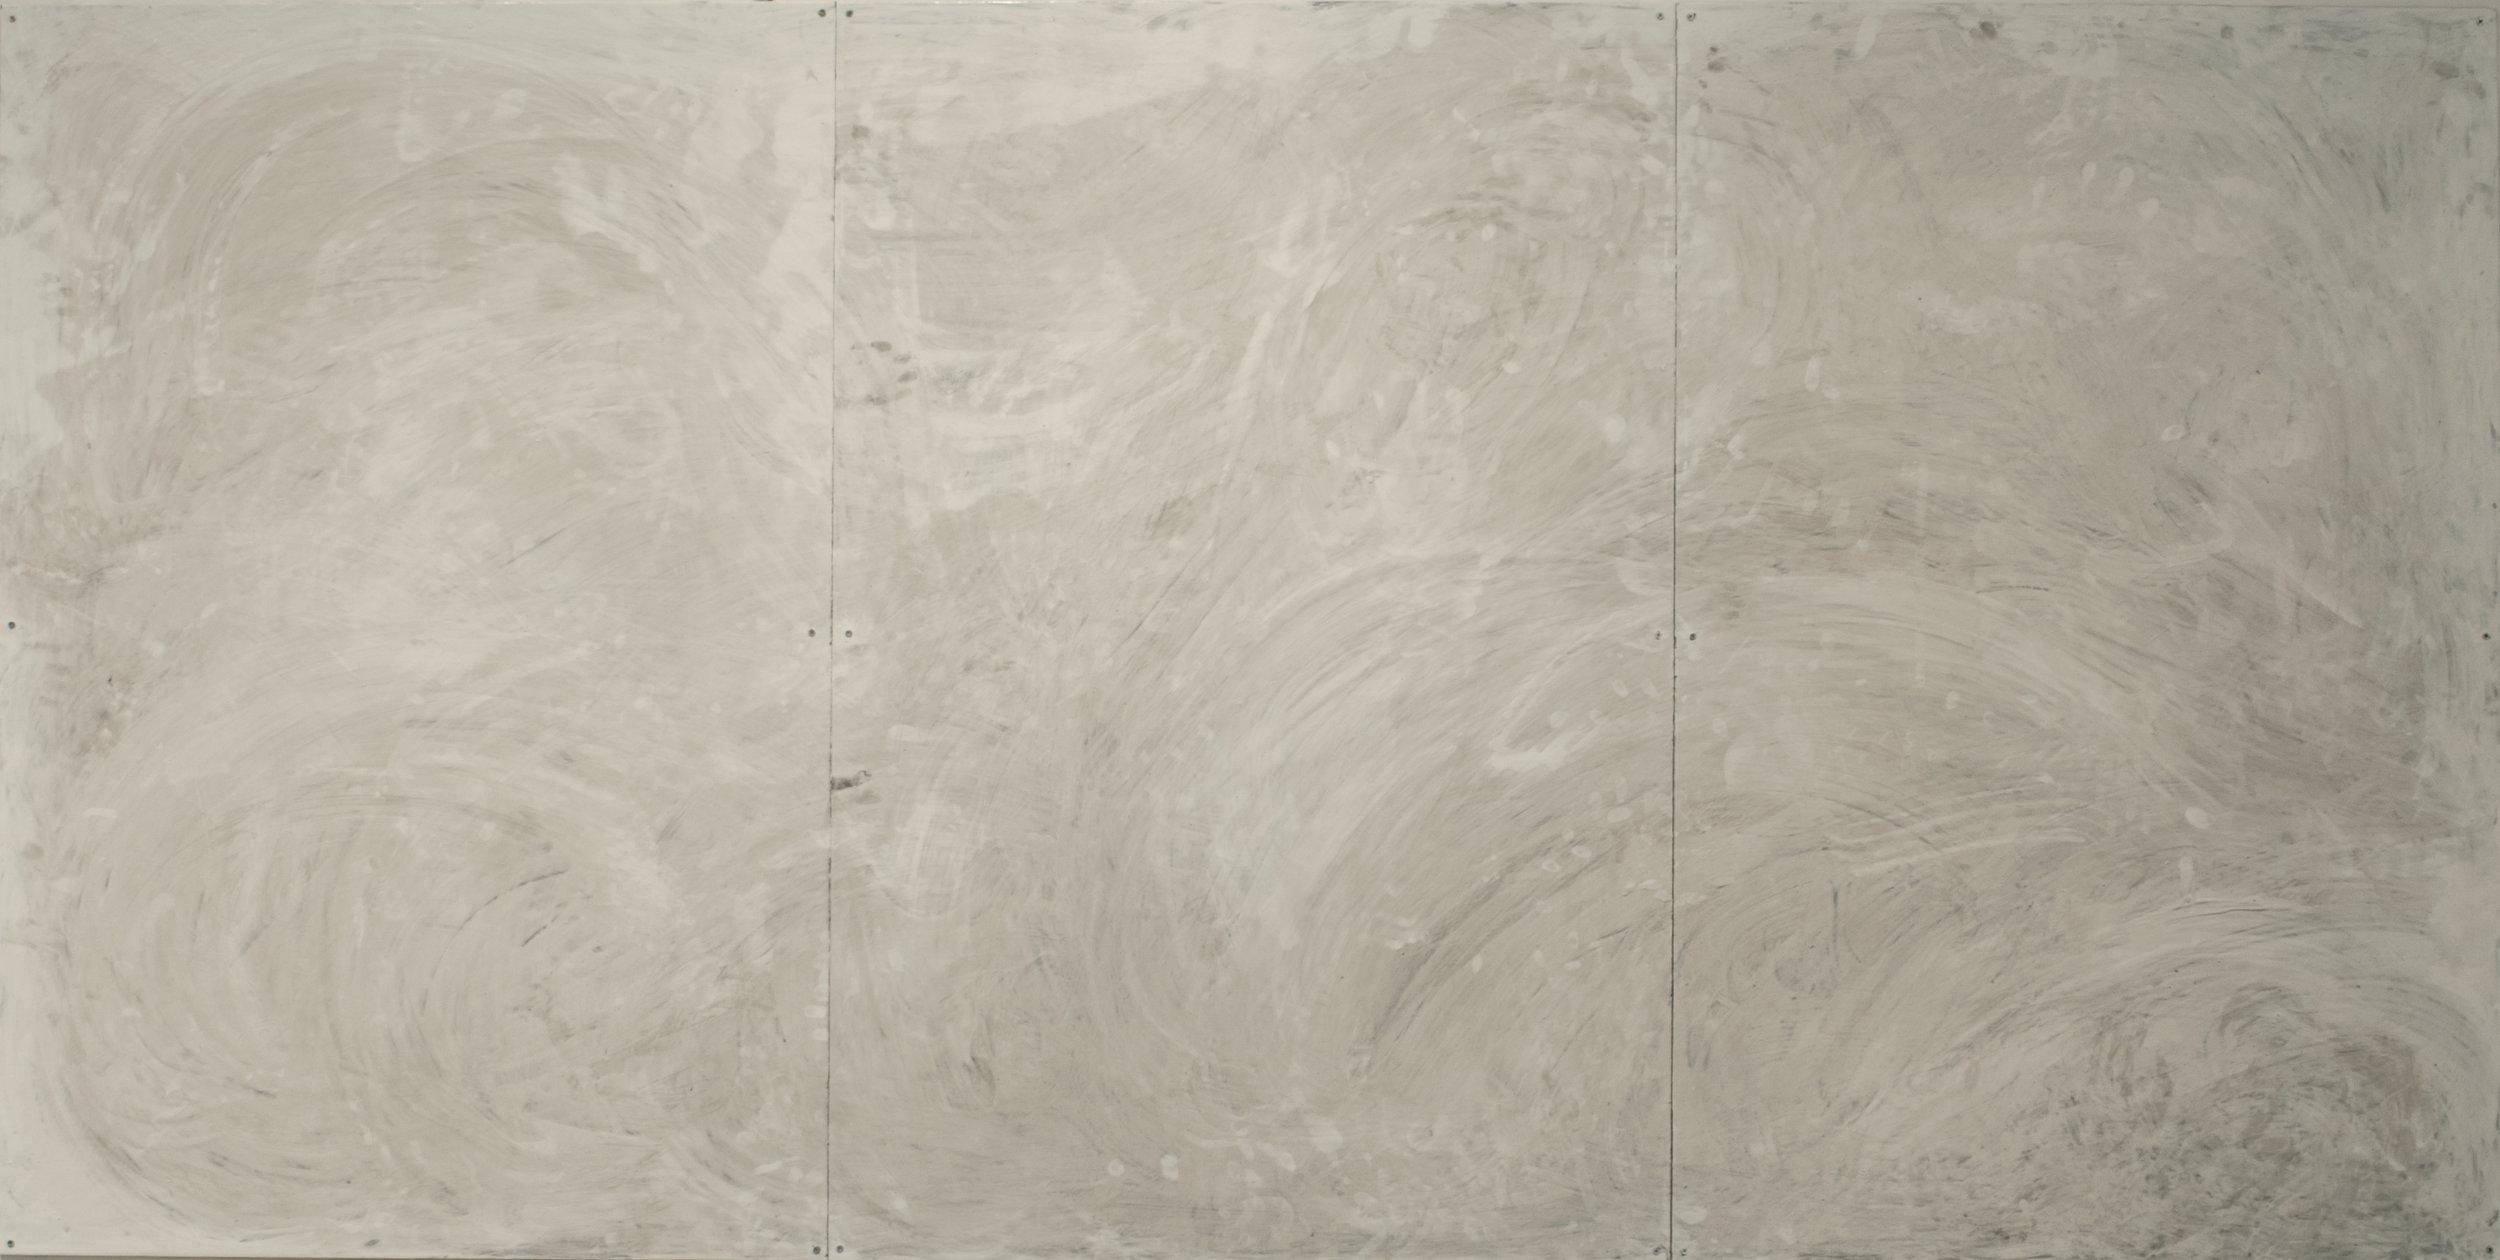 2018 48x96 whiteboard bw.jpg